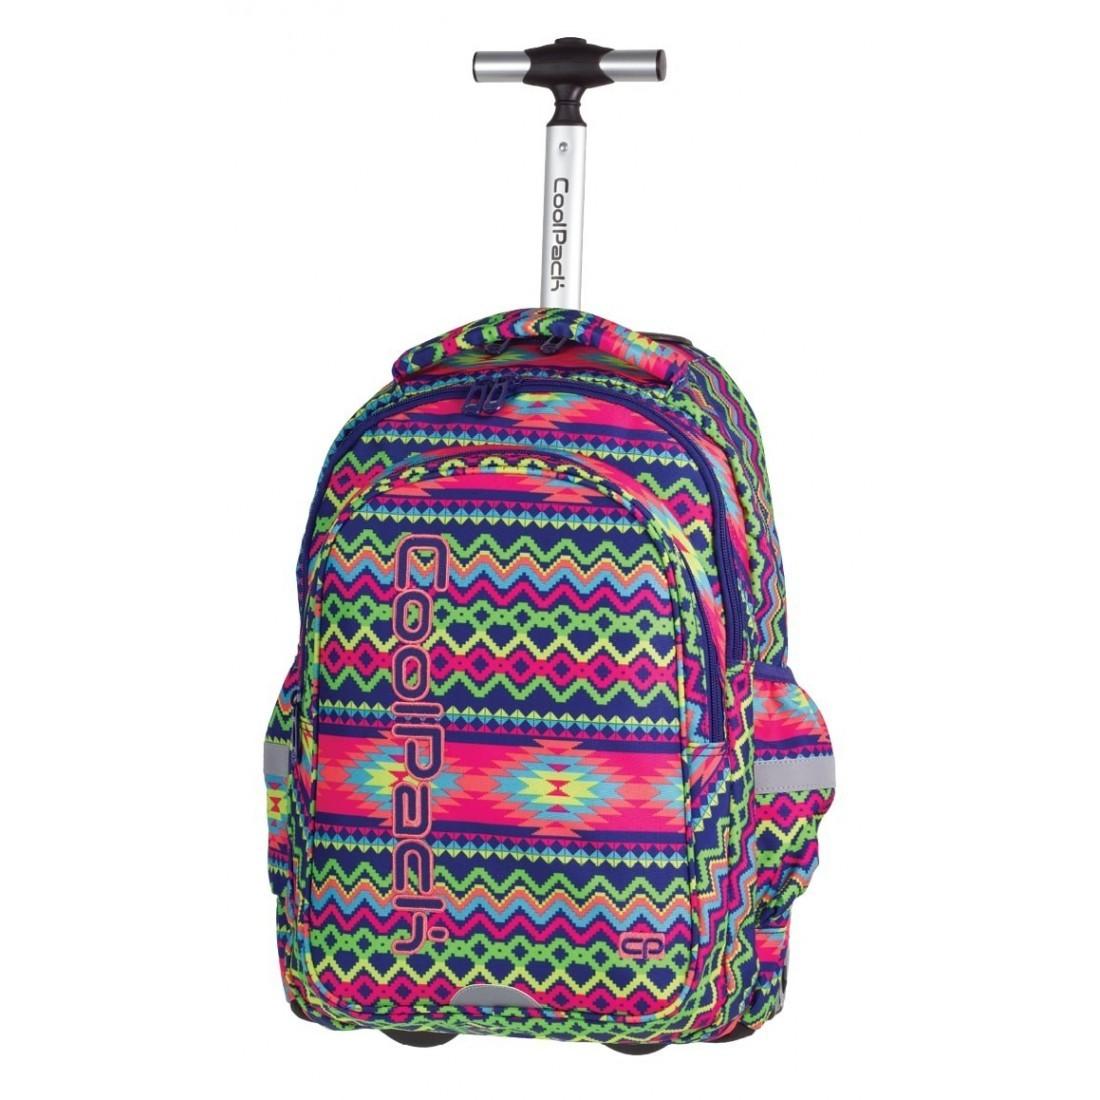 663ca071505b6 Plecak na kółkach CoolPack CP JUNIOR BOHO ELECTRA 782 Aztecki dla  dziewczyny - zielone